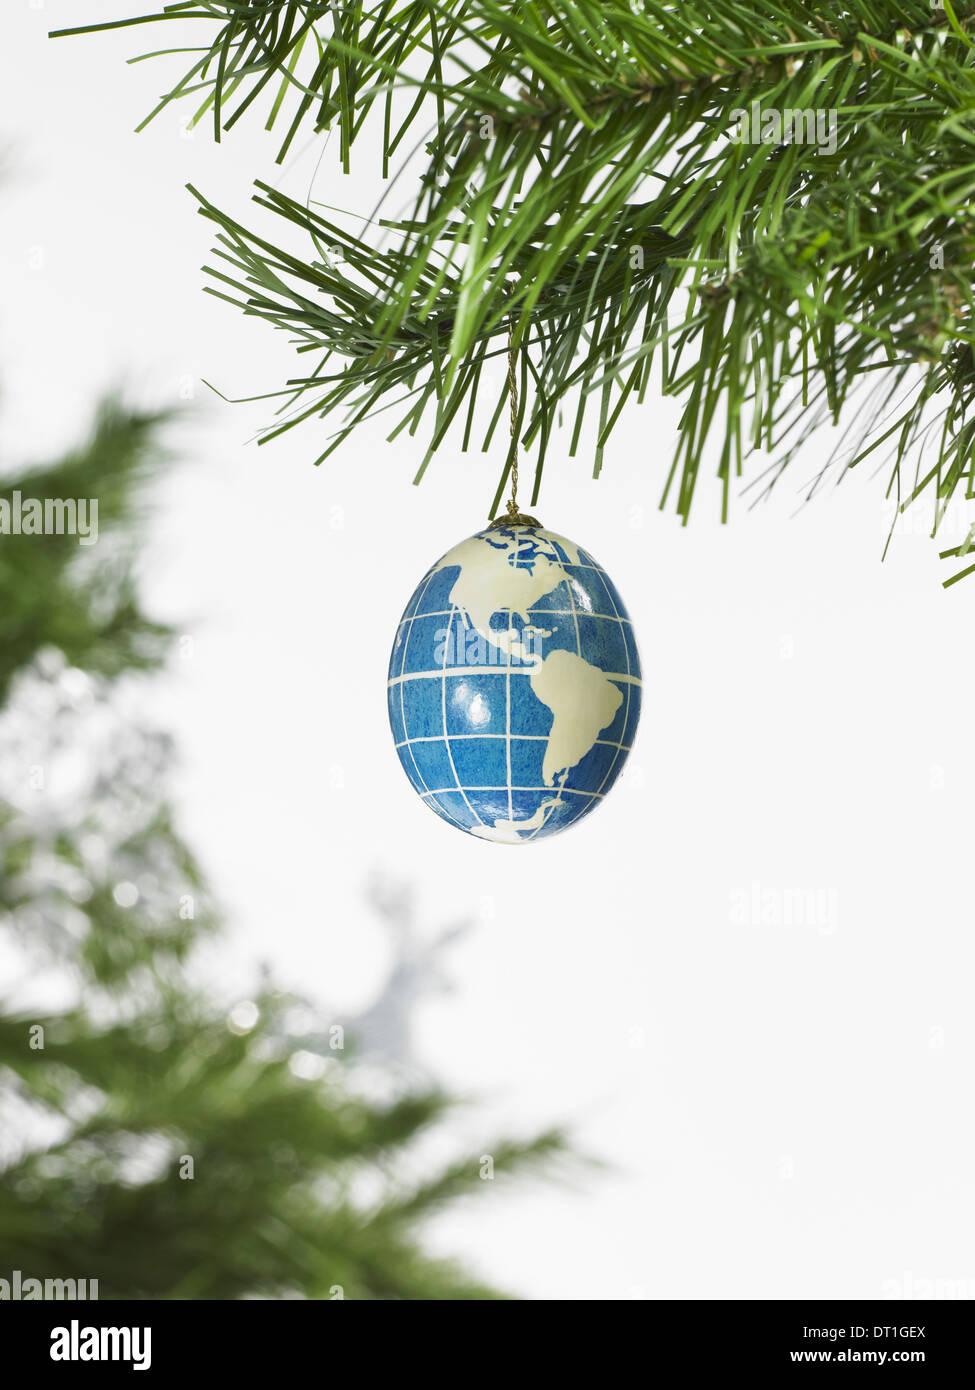 Decoraciones rama de un pino y un adorno azul y blanco un globo con los continentes esbozadas sobre un fondo azul. Imagen De Stock